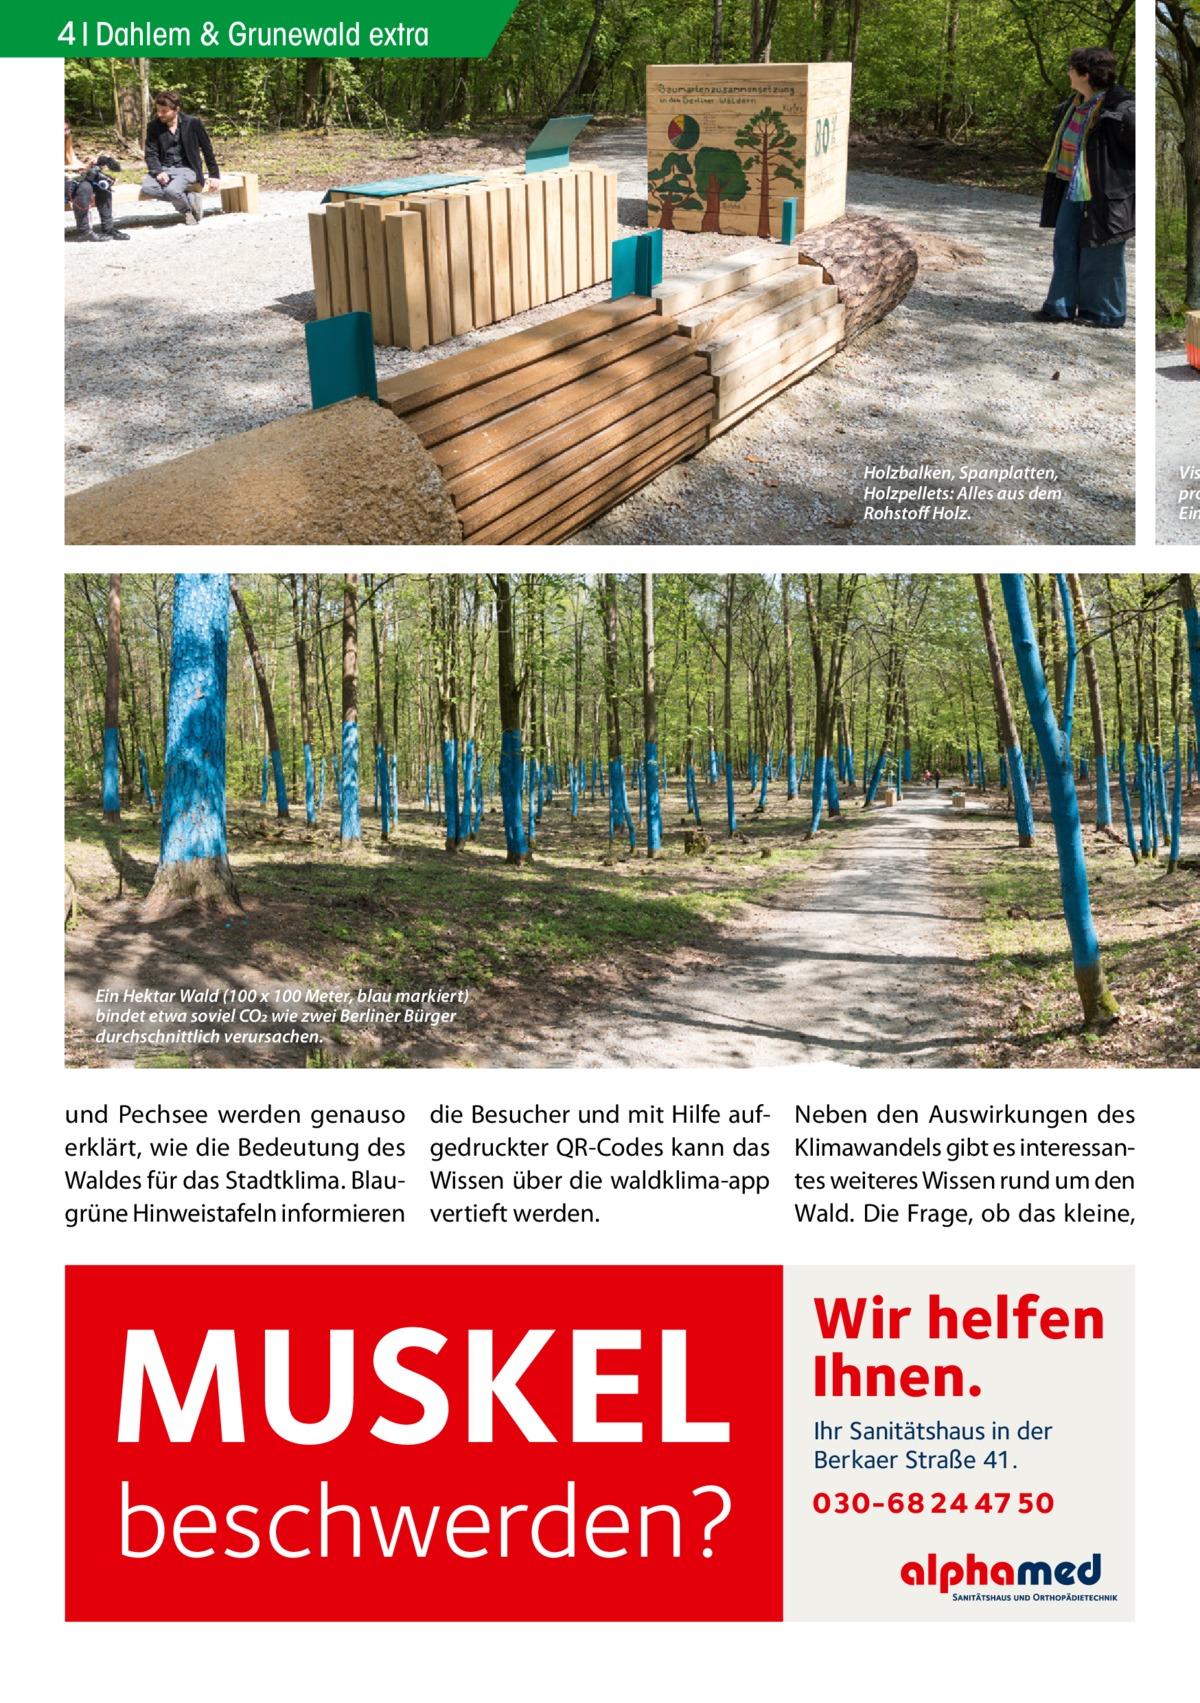 4 Dahlem & Grunewald extra  Holzbalken, Spanplatten, Holzpellets: Alles aus dem Rohstoff Holz.  Ein Hektar Wald (100 x 100 Meter, blau markiert) bindet etwa soviel CO2 wie zwei Berliner Bürger durchschnittlich verursachen.  und Pechsee werden genauso erklärt, wie die Bedeutung des Waldes für das Stadtklima. Blaugrüne Hinweistafeln informieren  die Besucher und mit Hilfe aufgedruckter QR-Codes kann das Wissen über die waldklima-app vertieft werden.  MUSKEL  beschwerden?  Neben den Auswirkungen des Klimawandels gibt es interessantes weiteres Wissen rund um den Wald. Die Frage, ob das kleine,  Wir helfen Ihnen. Ihr Sanitätshaus in der Berkaer Straße 41.  030-68 24 47 50  Vis pro Ein